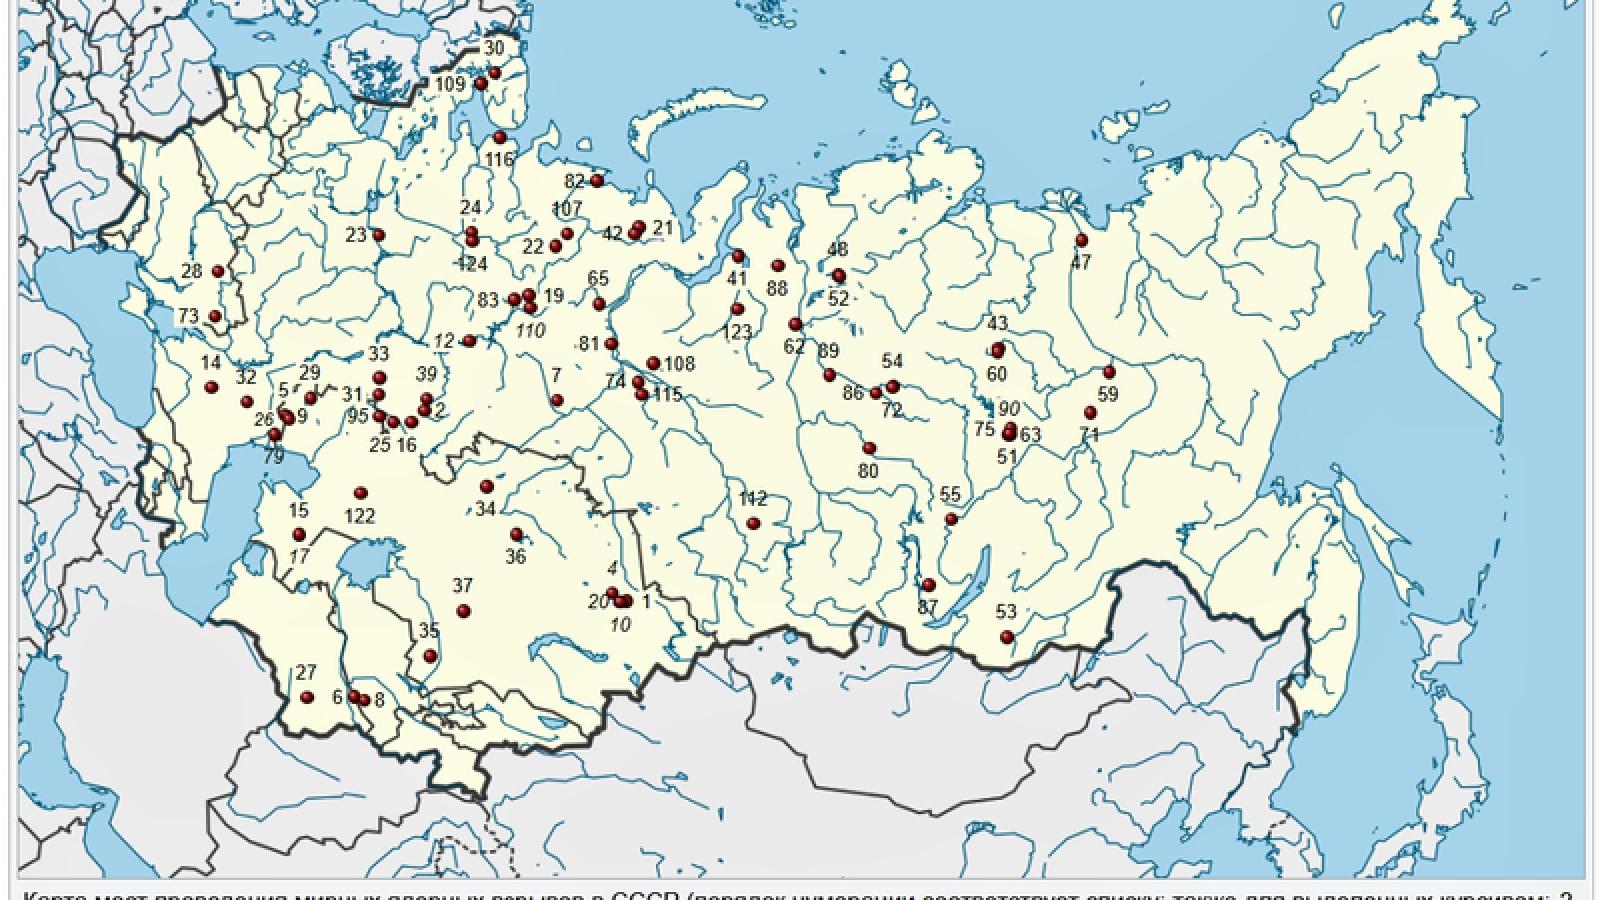 Liên Xô từng sử dụng các vụ nổ hạt nhân phục vụ mục đích kinh tế